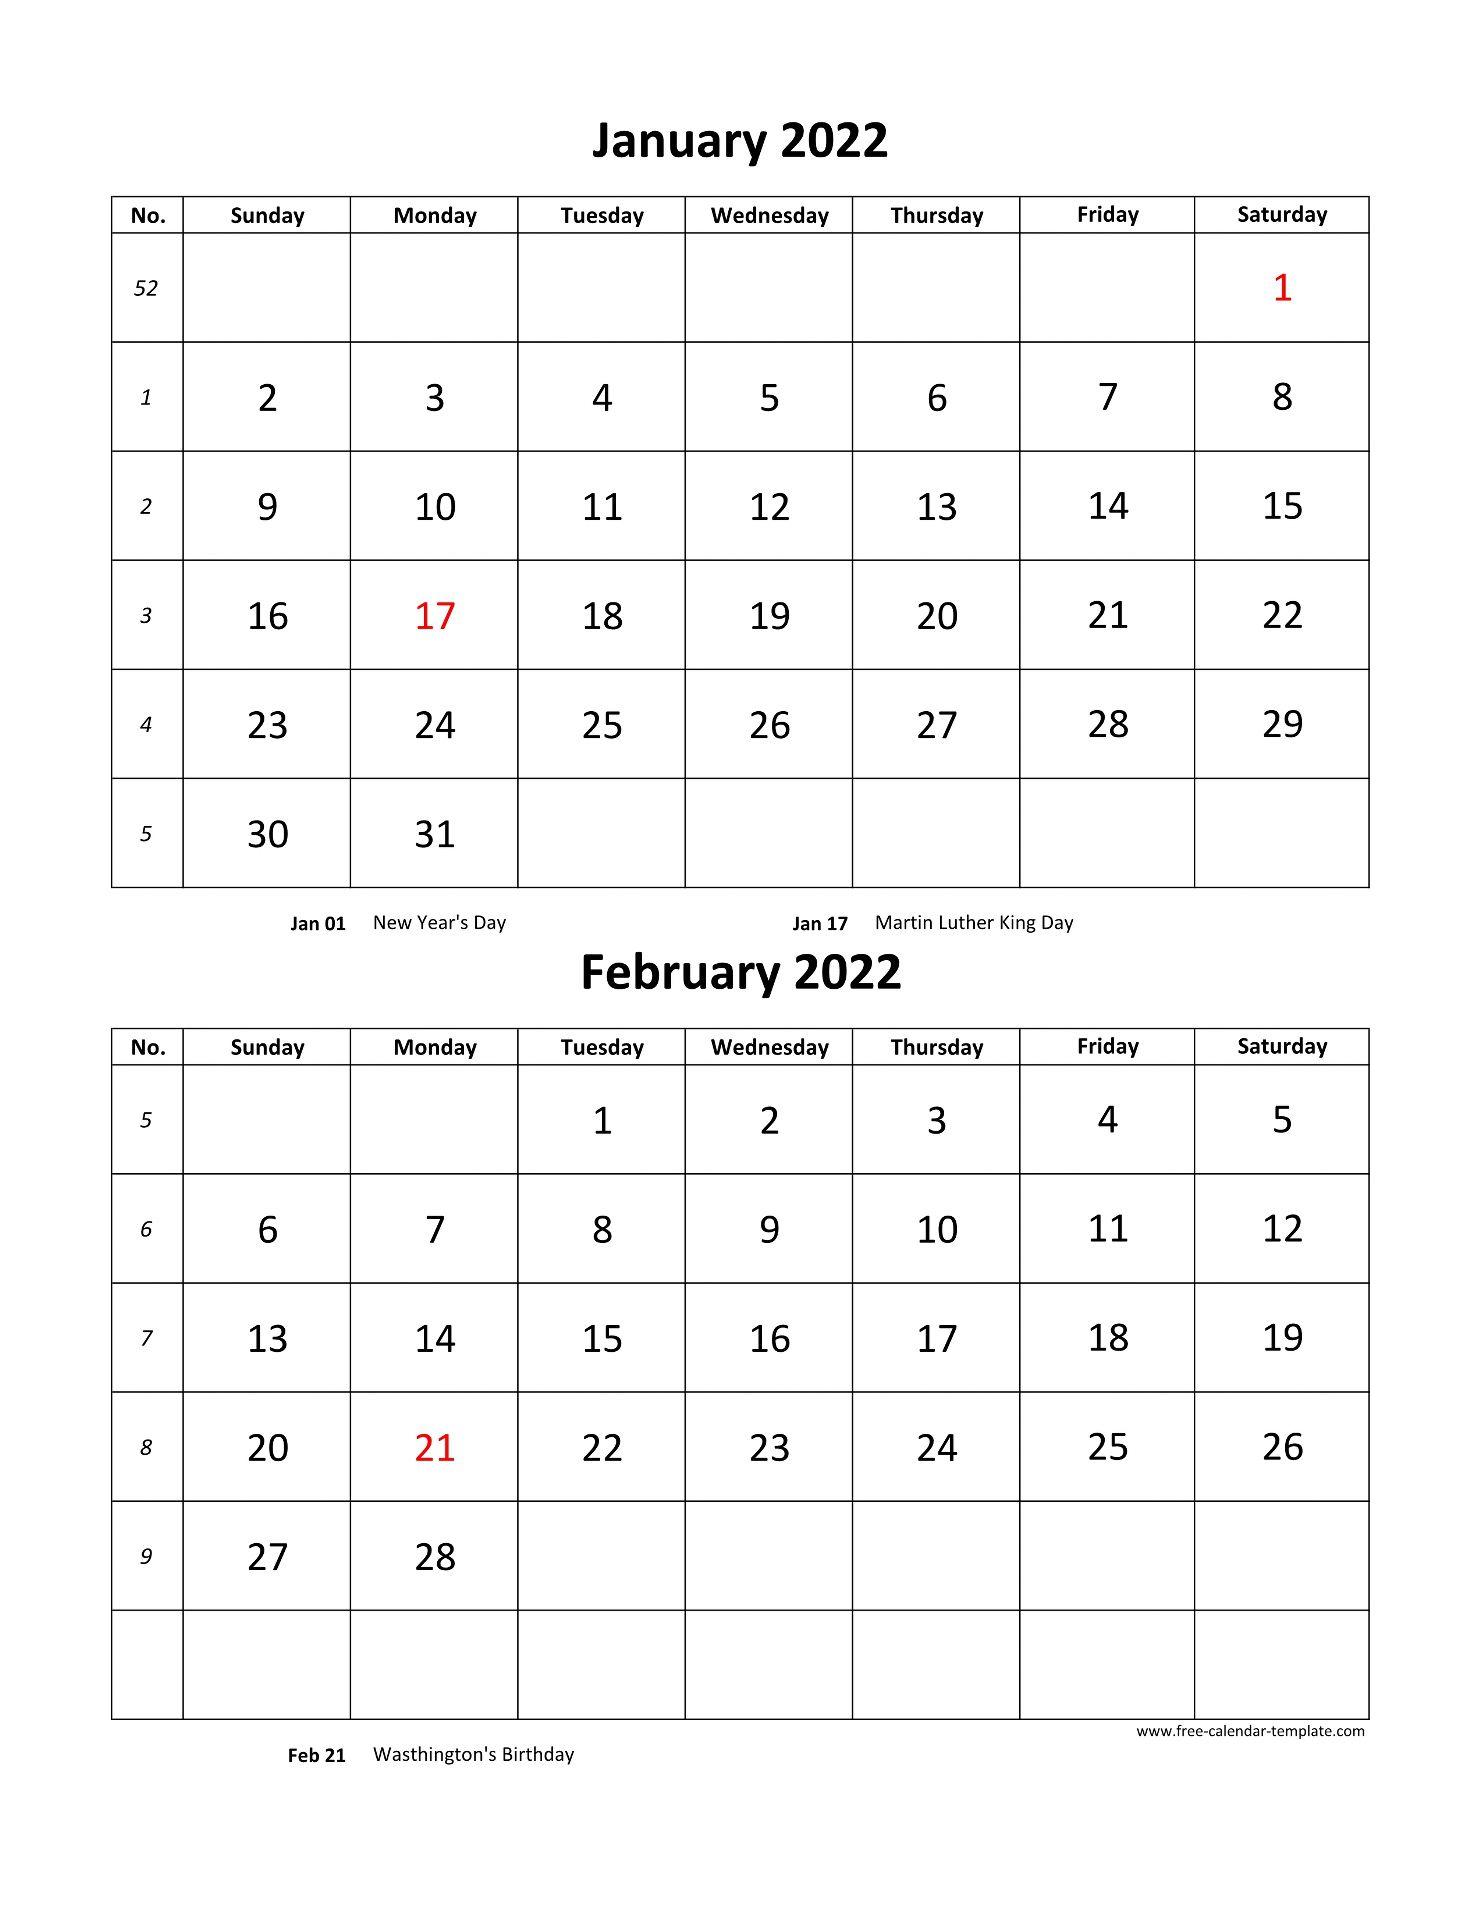 2 Month Calendar 2022.Monthly Calendar 2022 2 Months Per Page Vertical Free Calendar Template Com